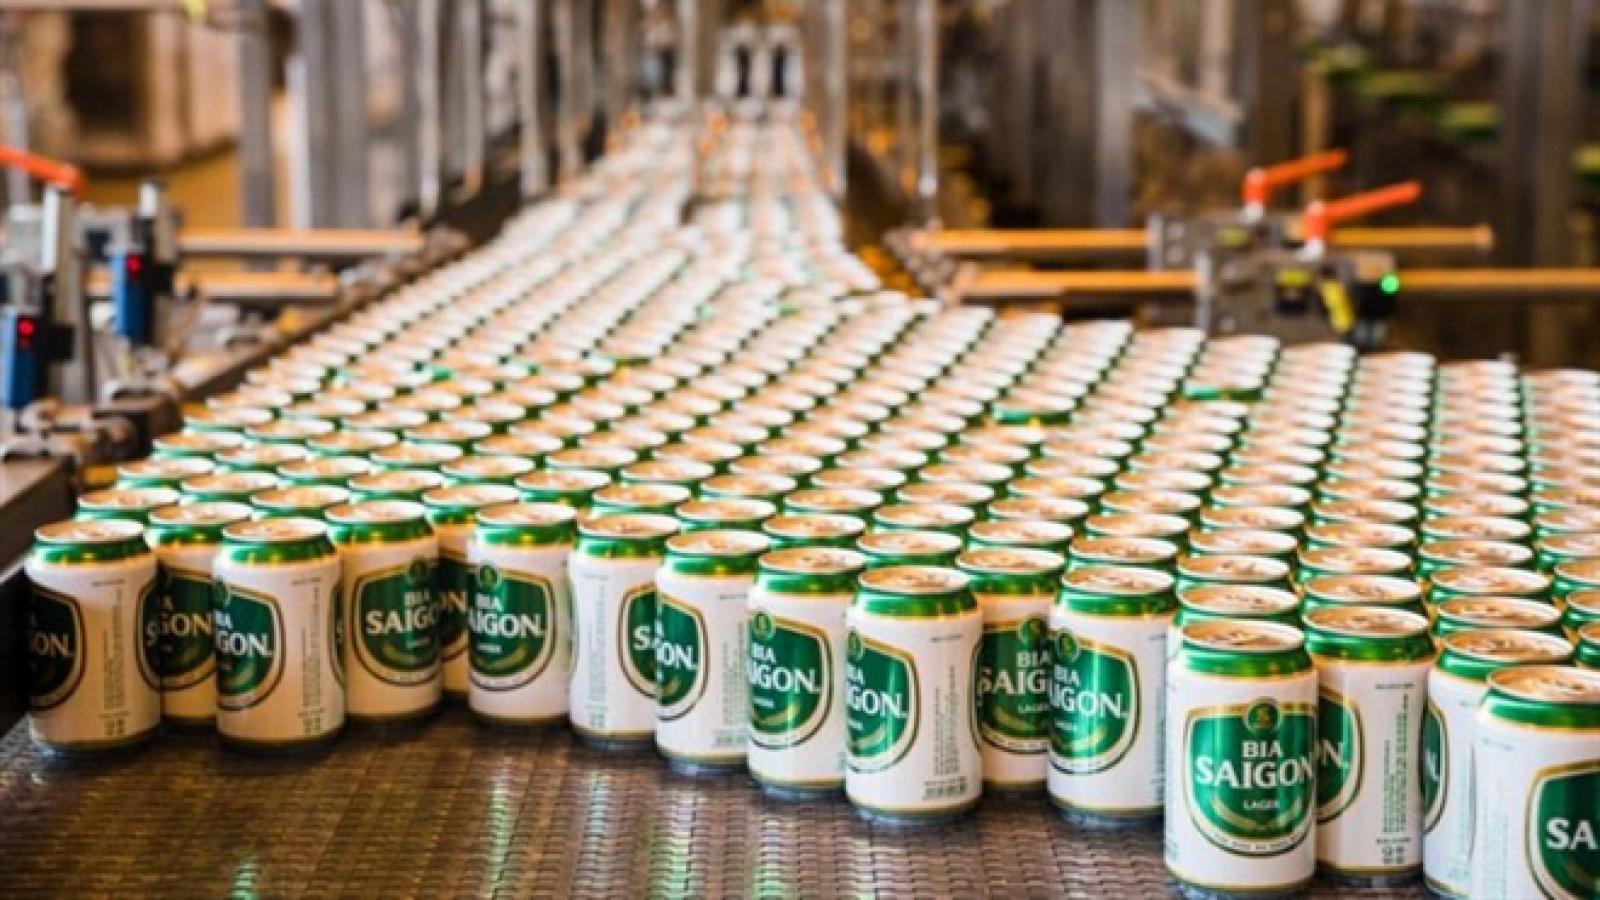 Heineken không cho đại lý bán bia Sabeco: Bộ Công Thương nói gì?